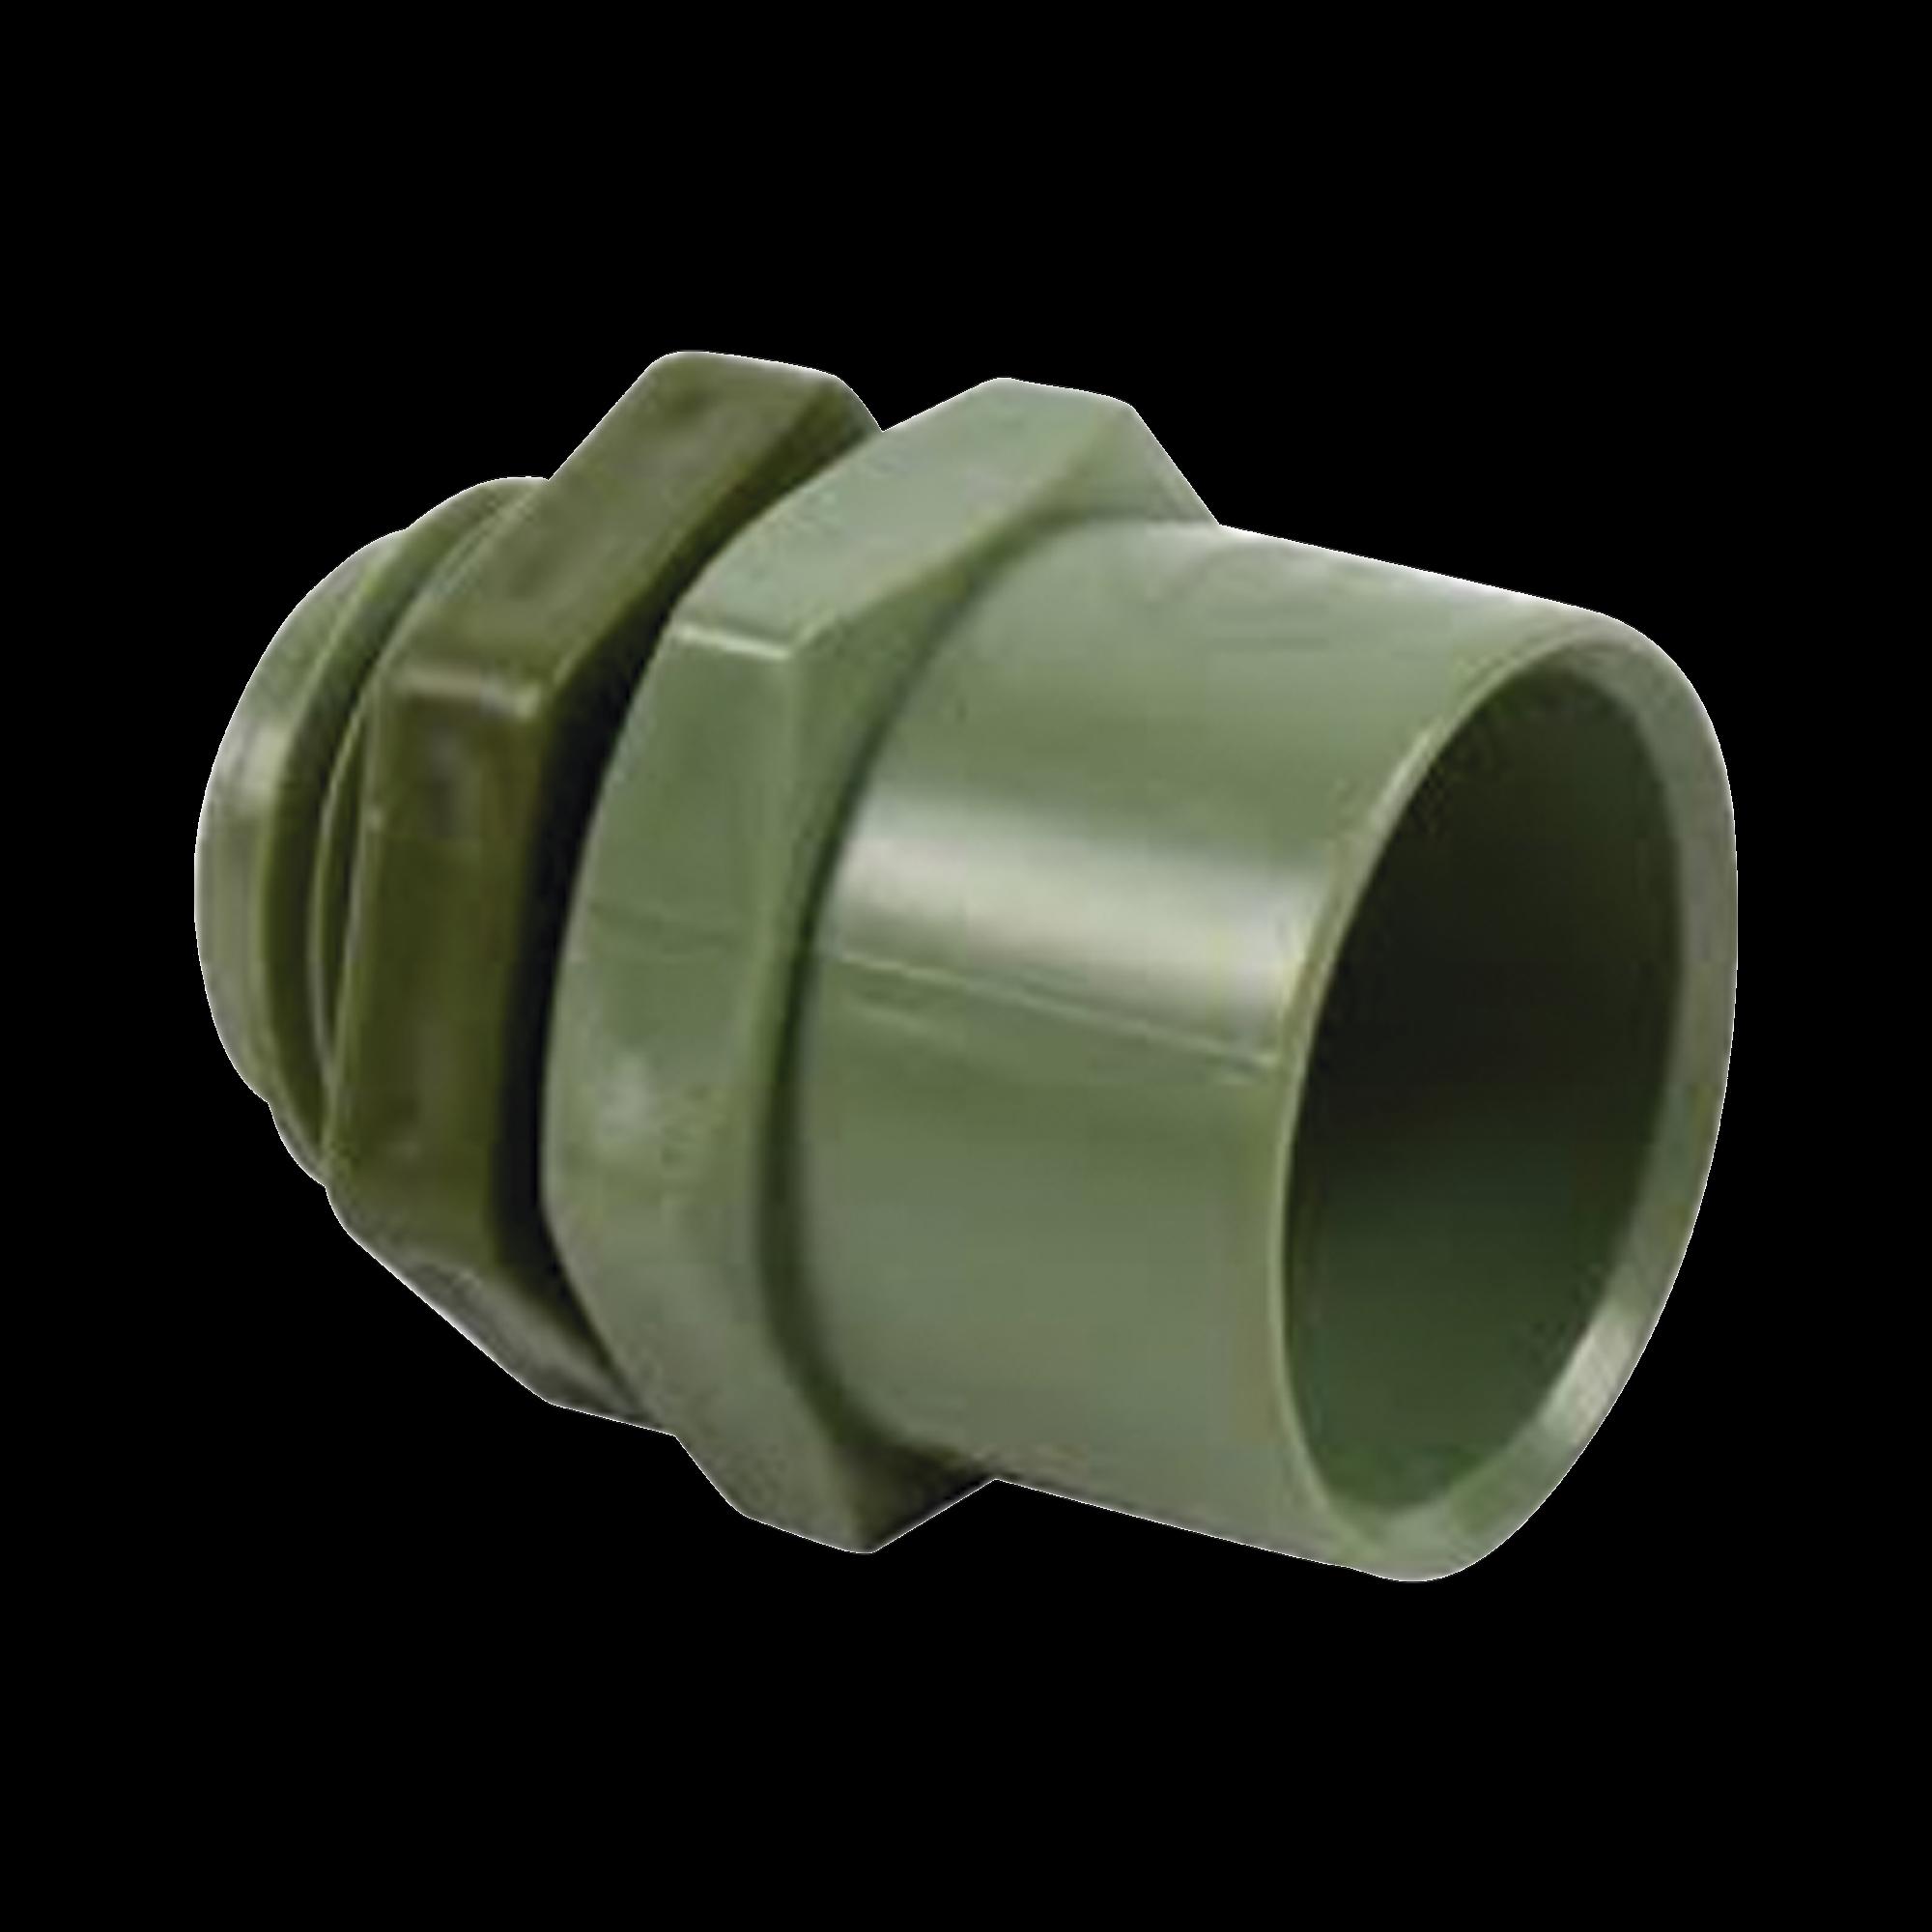 Conector de 1-1/4 para tuberia PVC conduit pesado (32 mm)